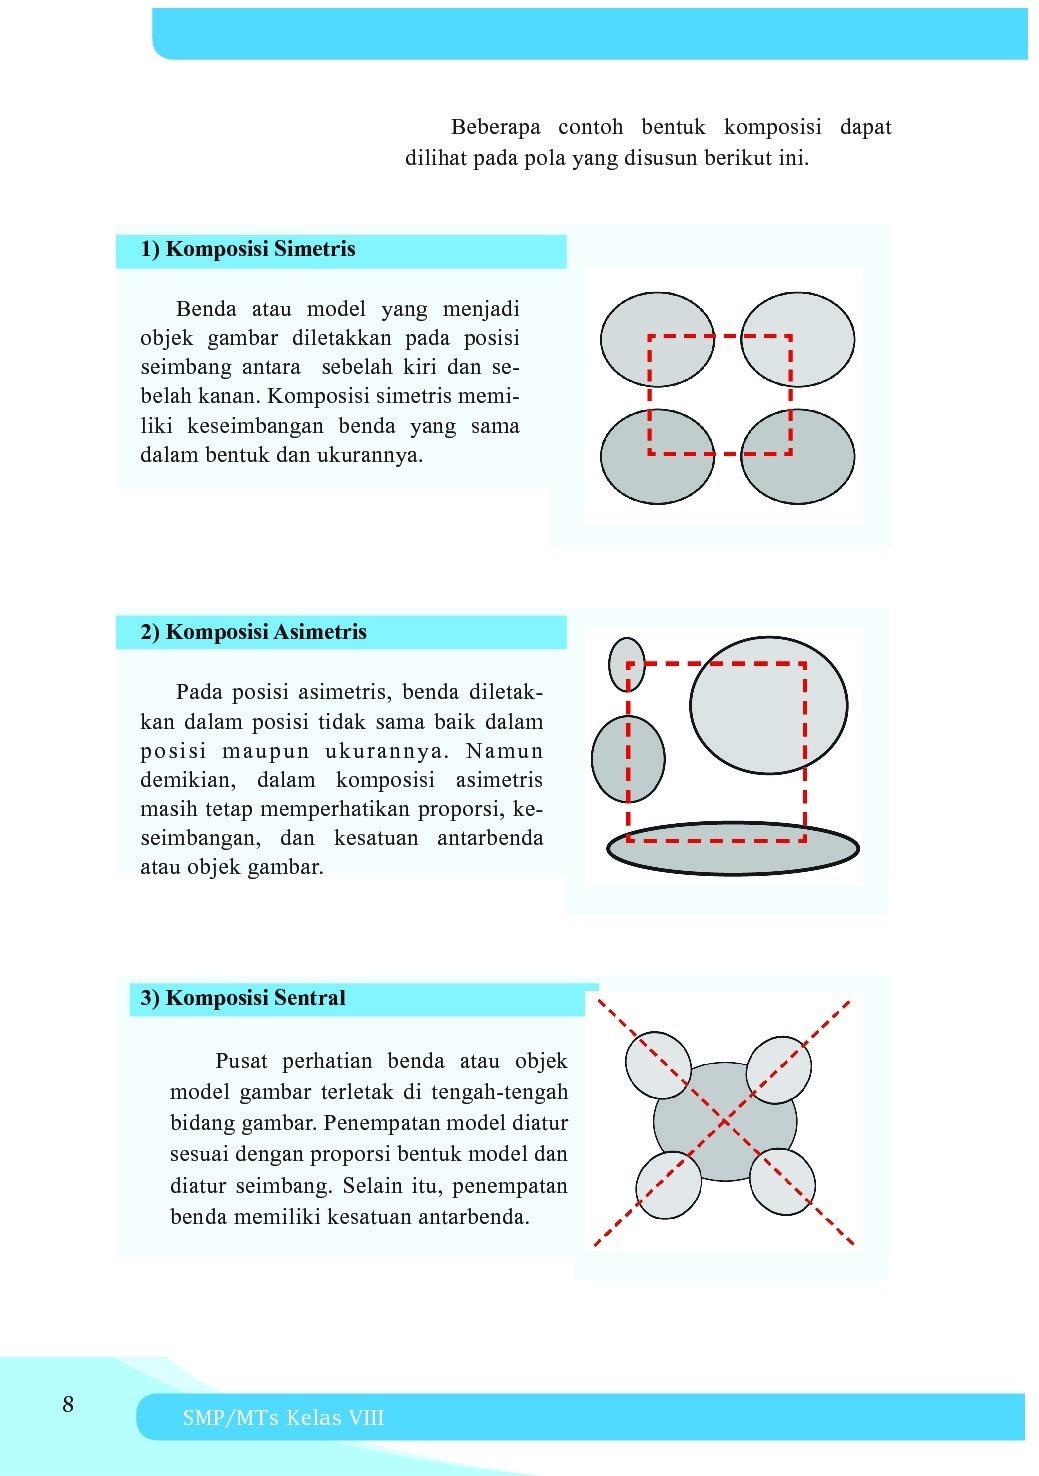 Contoh Gambar Kesatuan : contoh, gambar, kesatuan, Menggambar, Model, Contoh, Gambar, Komposisi, Simetris, Asimetris, Sentral, Update, Rumah, Central